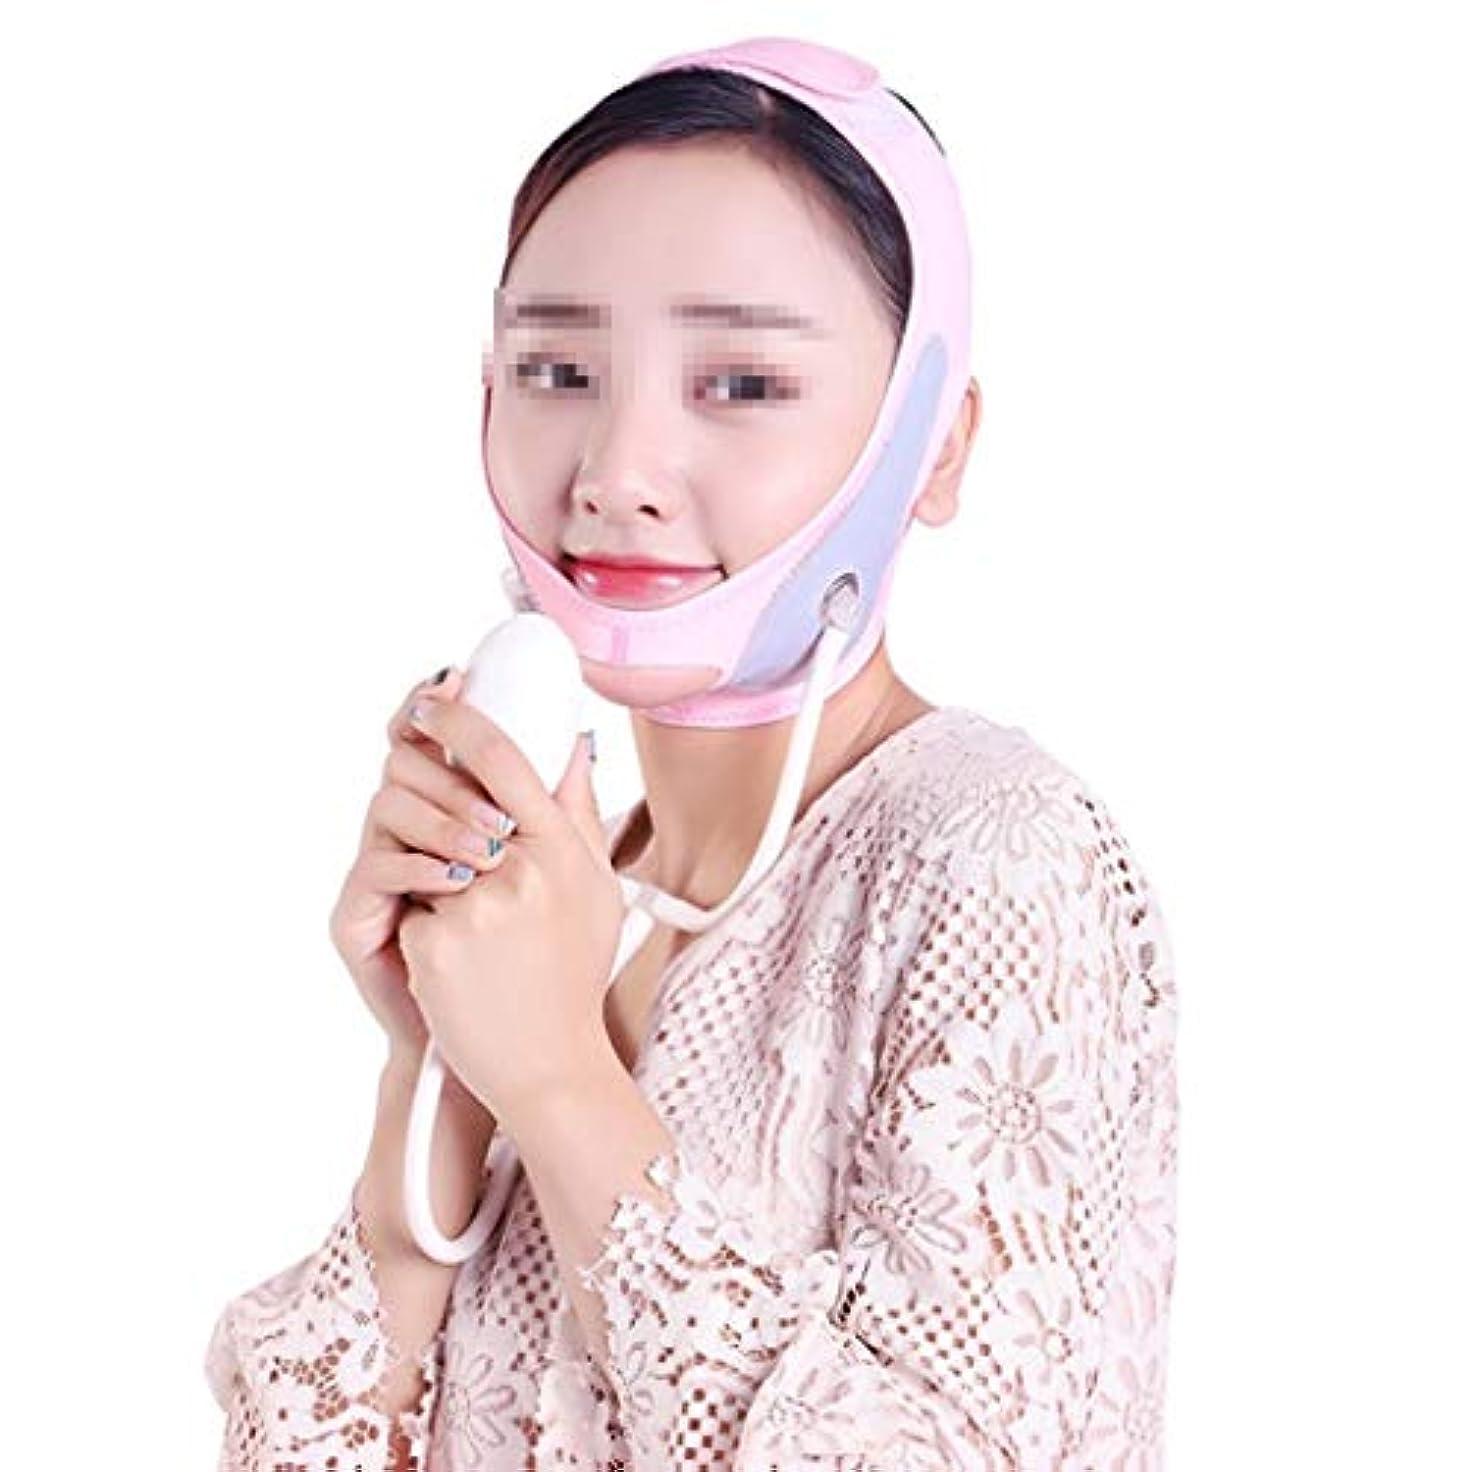 干渉ガムオーチャードインフレータブルフェイスリフティングマスク、小さなVフェイスステッカーリフトプル形状の筋肉引き締め肌二重あご包帯